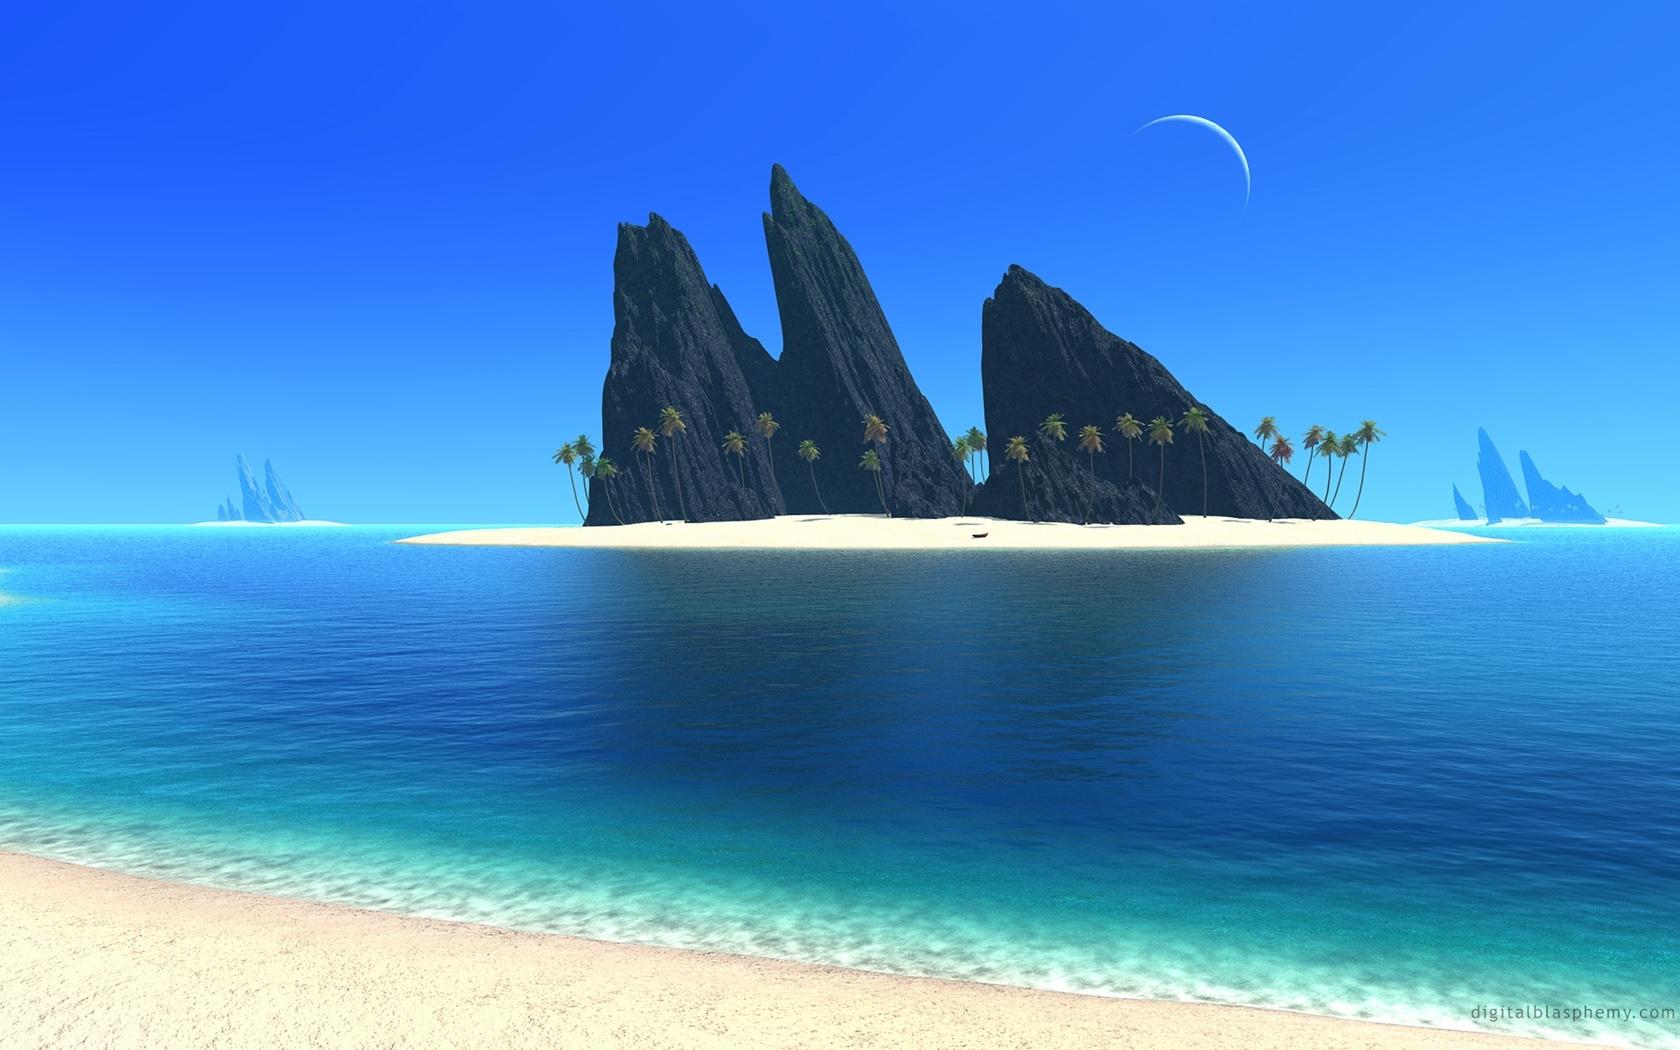 25592 скачать обои Пейзаж, Фэнтези, Море, Пляж - заставки и картинки бесплатно